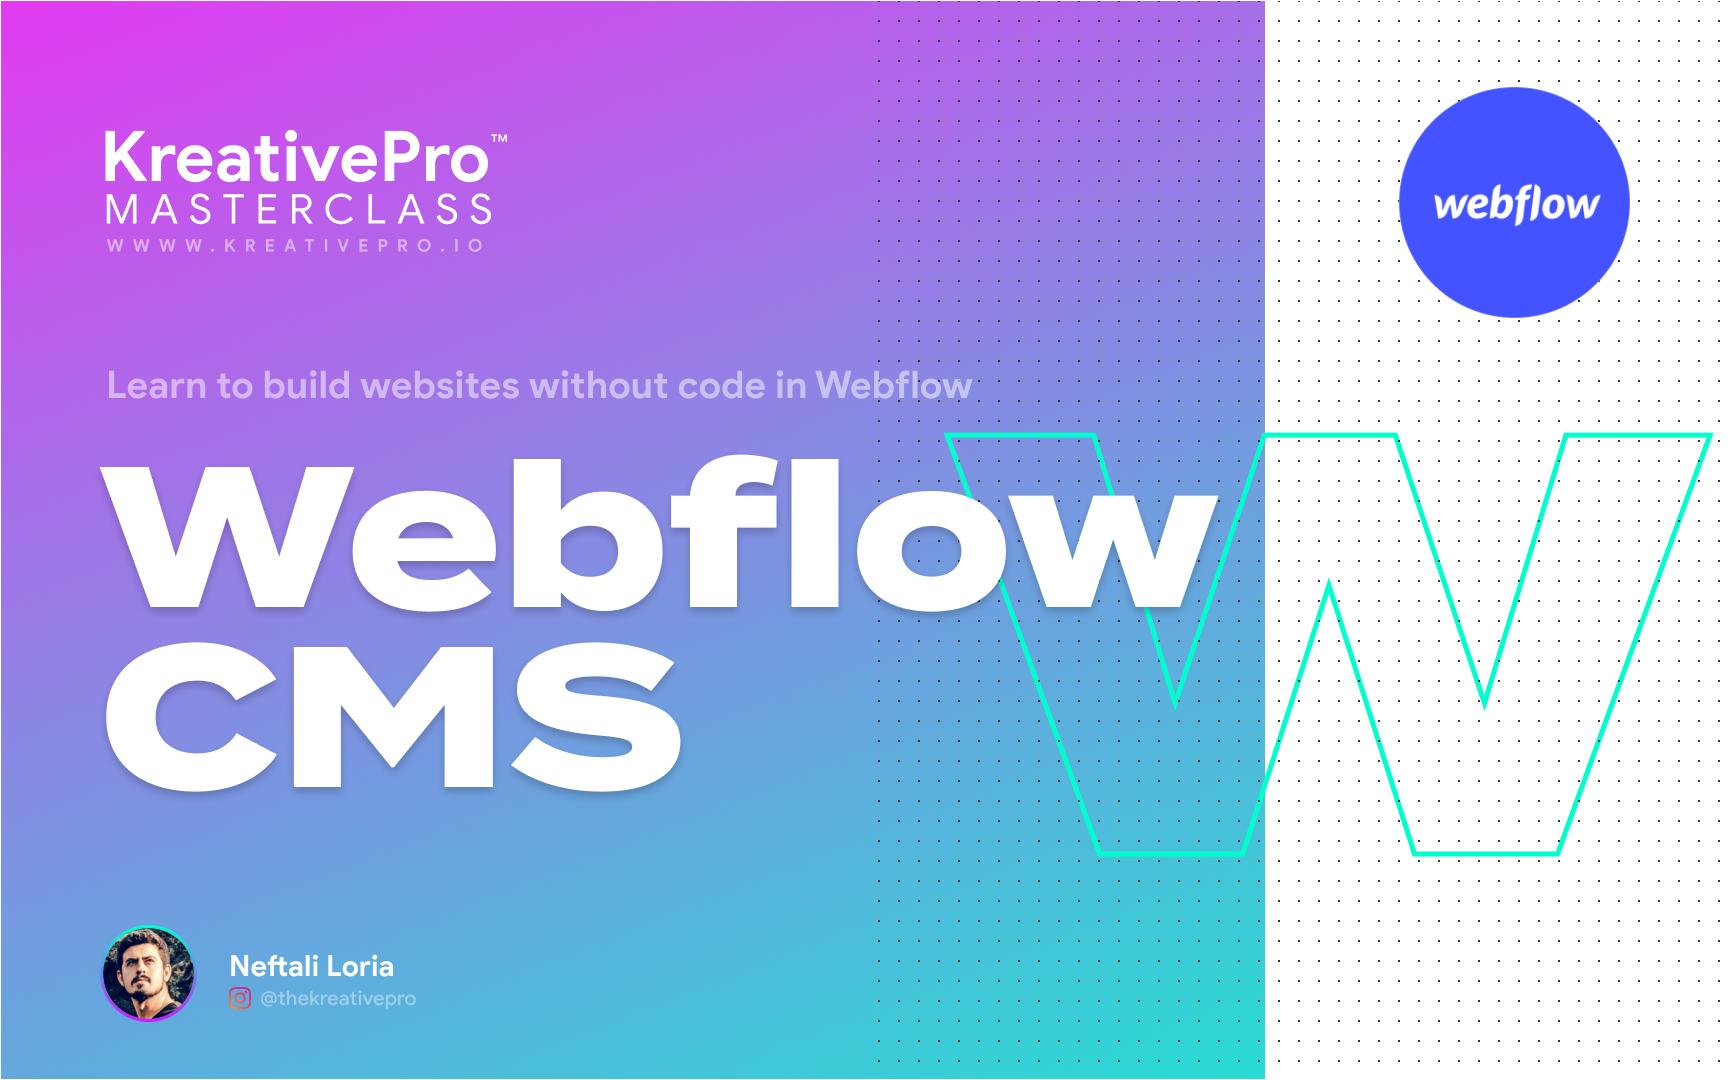 Webflow 6.0 - Webflow CMS